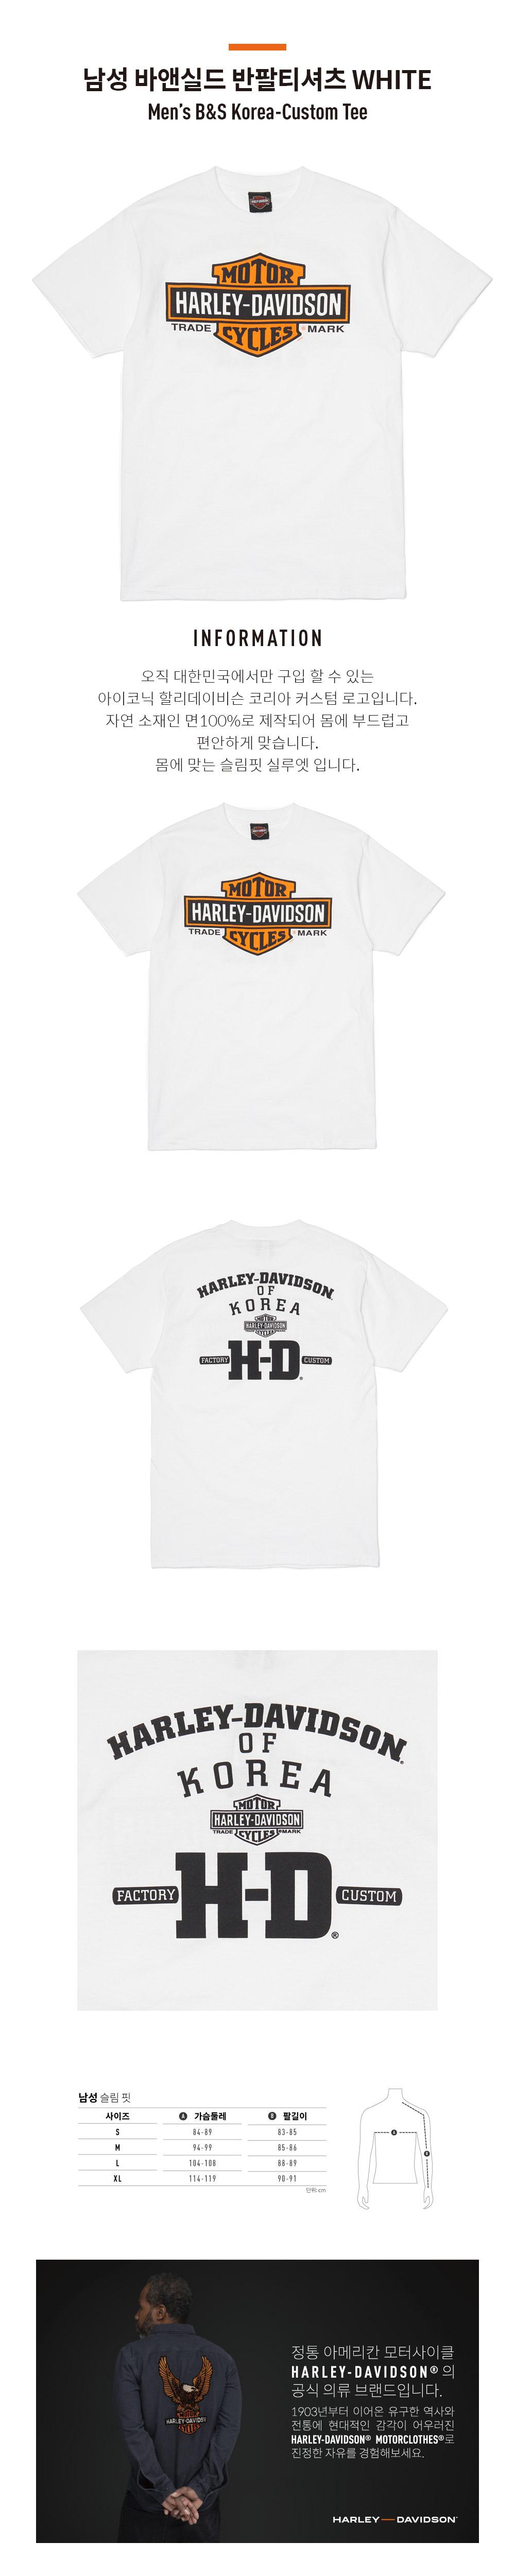 남성 바앤실드 반팔티셔츠 WHITE